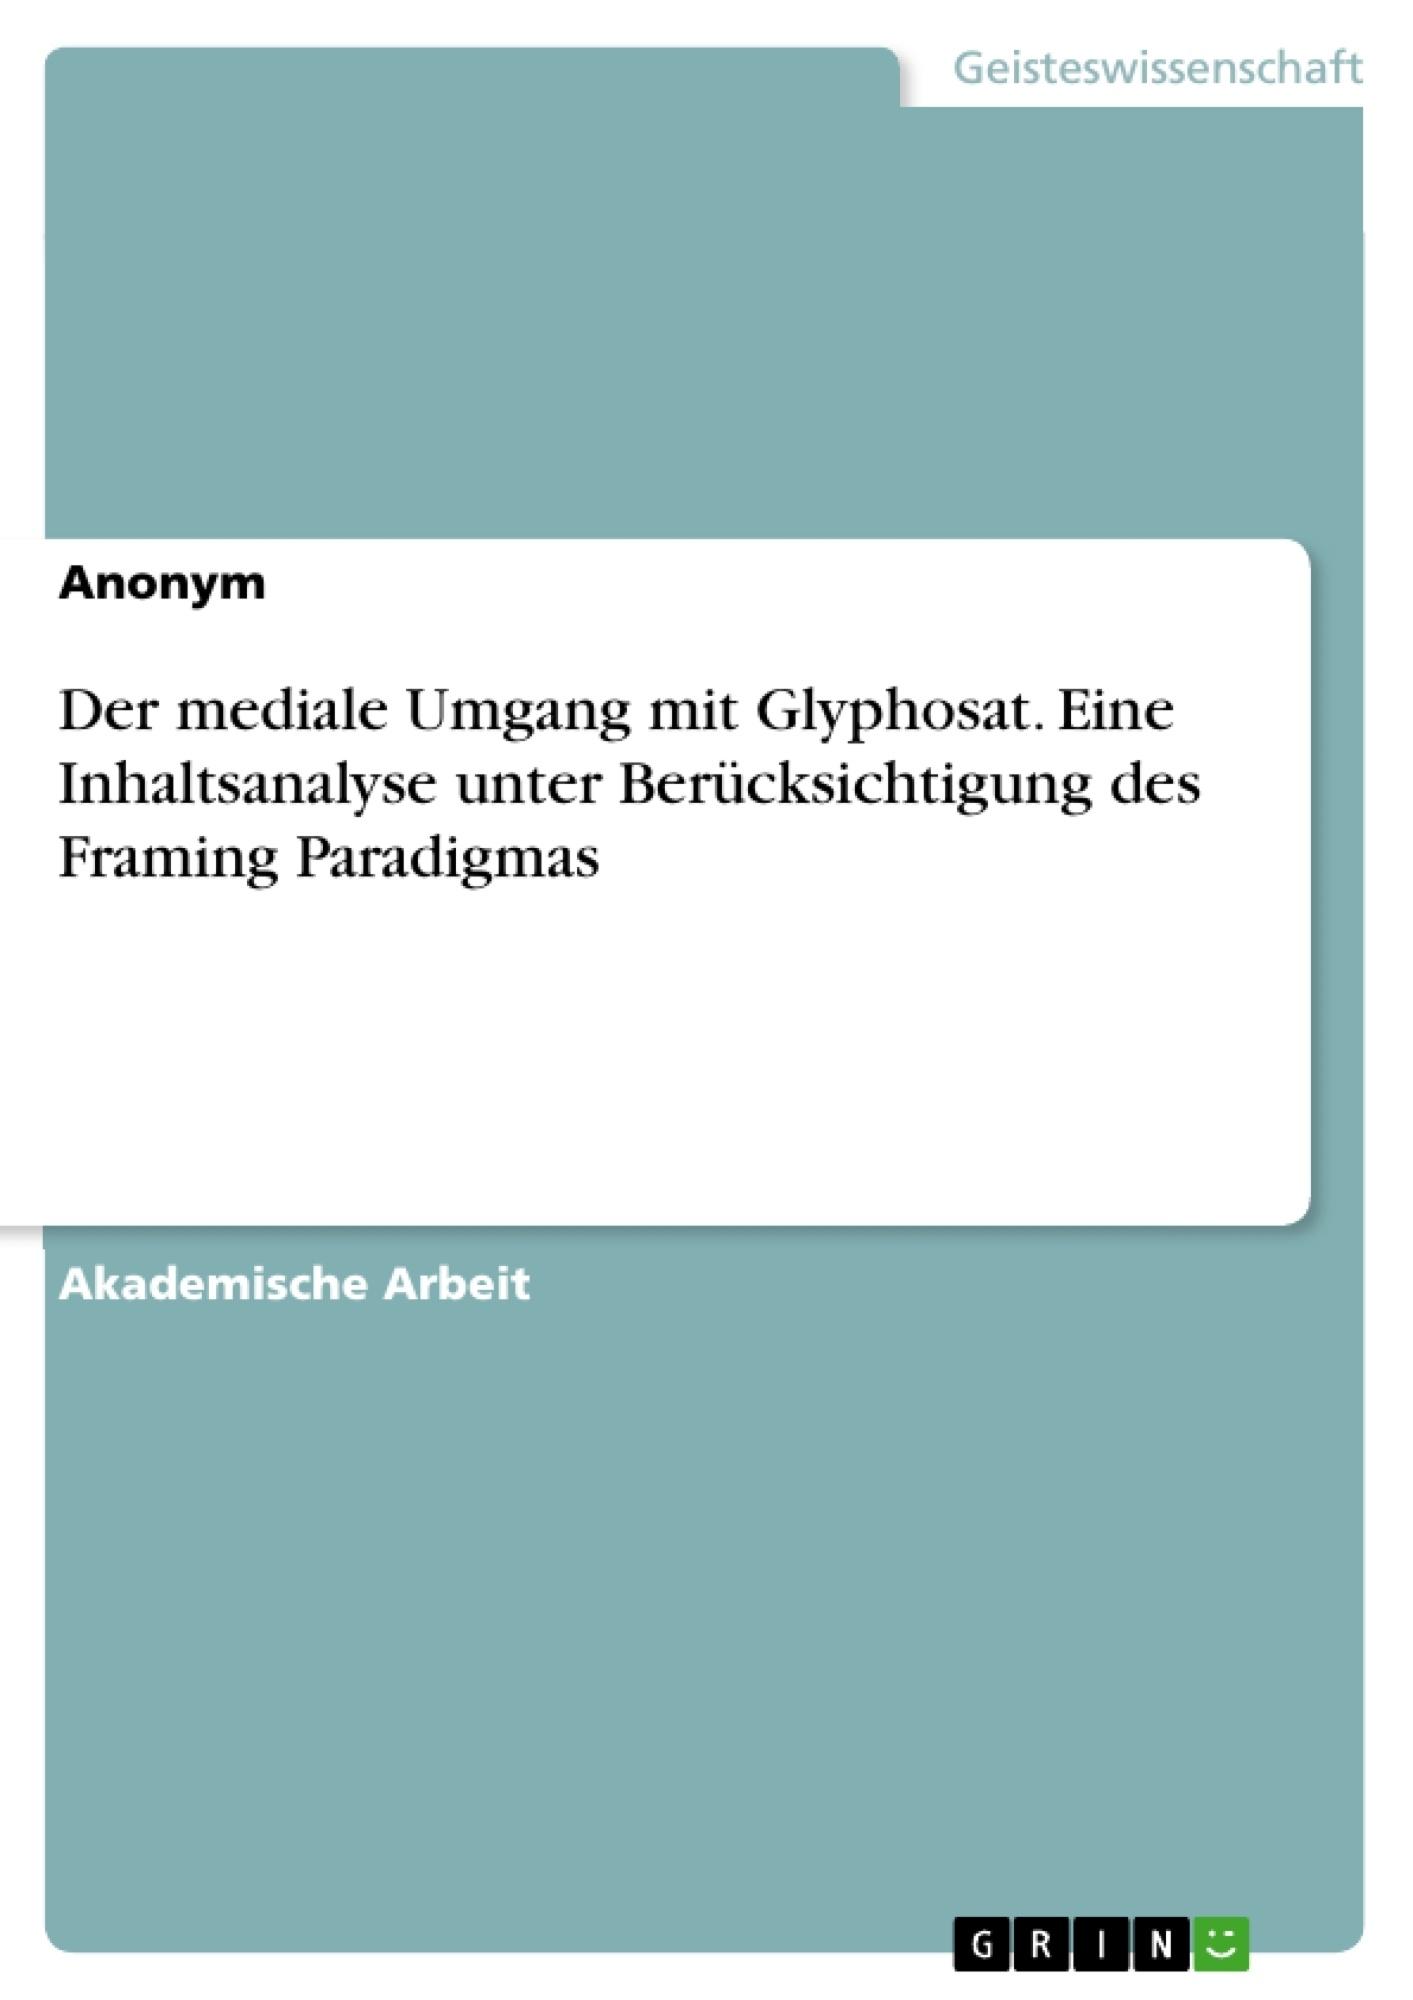 Titel: Der mediale Umgang mit Glyphosat. Eine Inhaltsanalyse unter Berücksichtigung des Framing Paradigmas